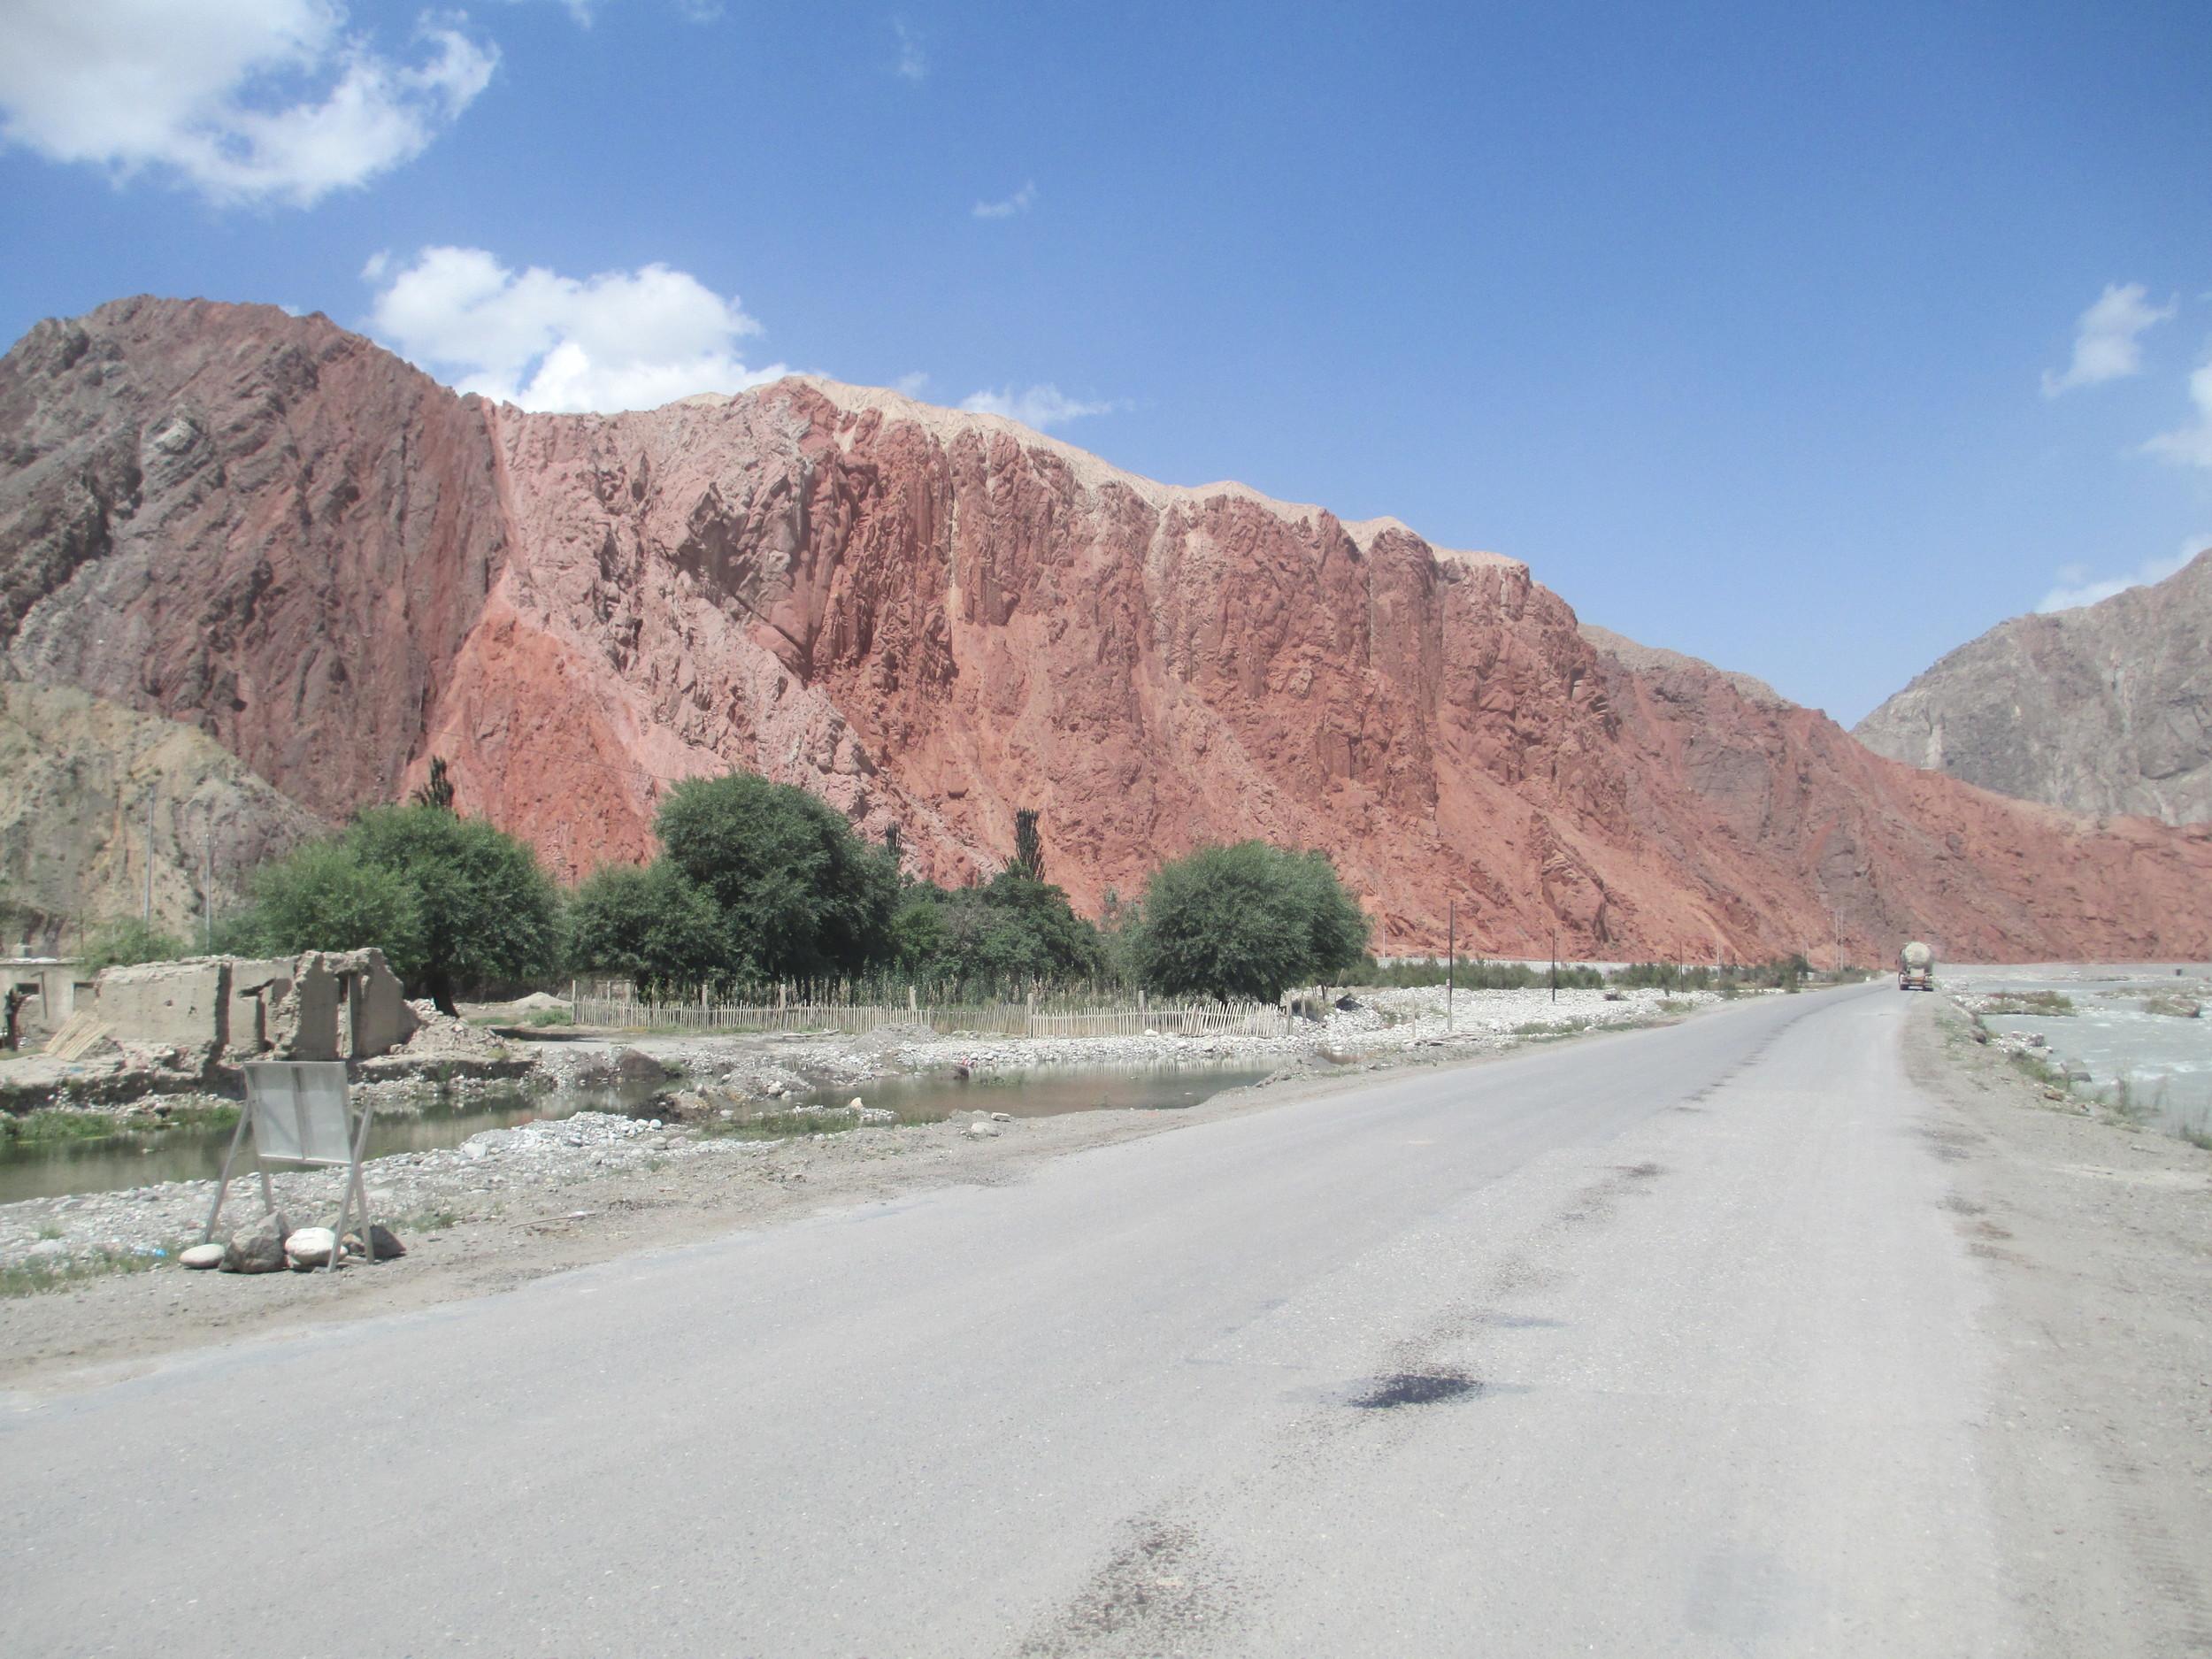 exiting Geez Gorge